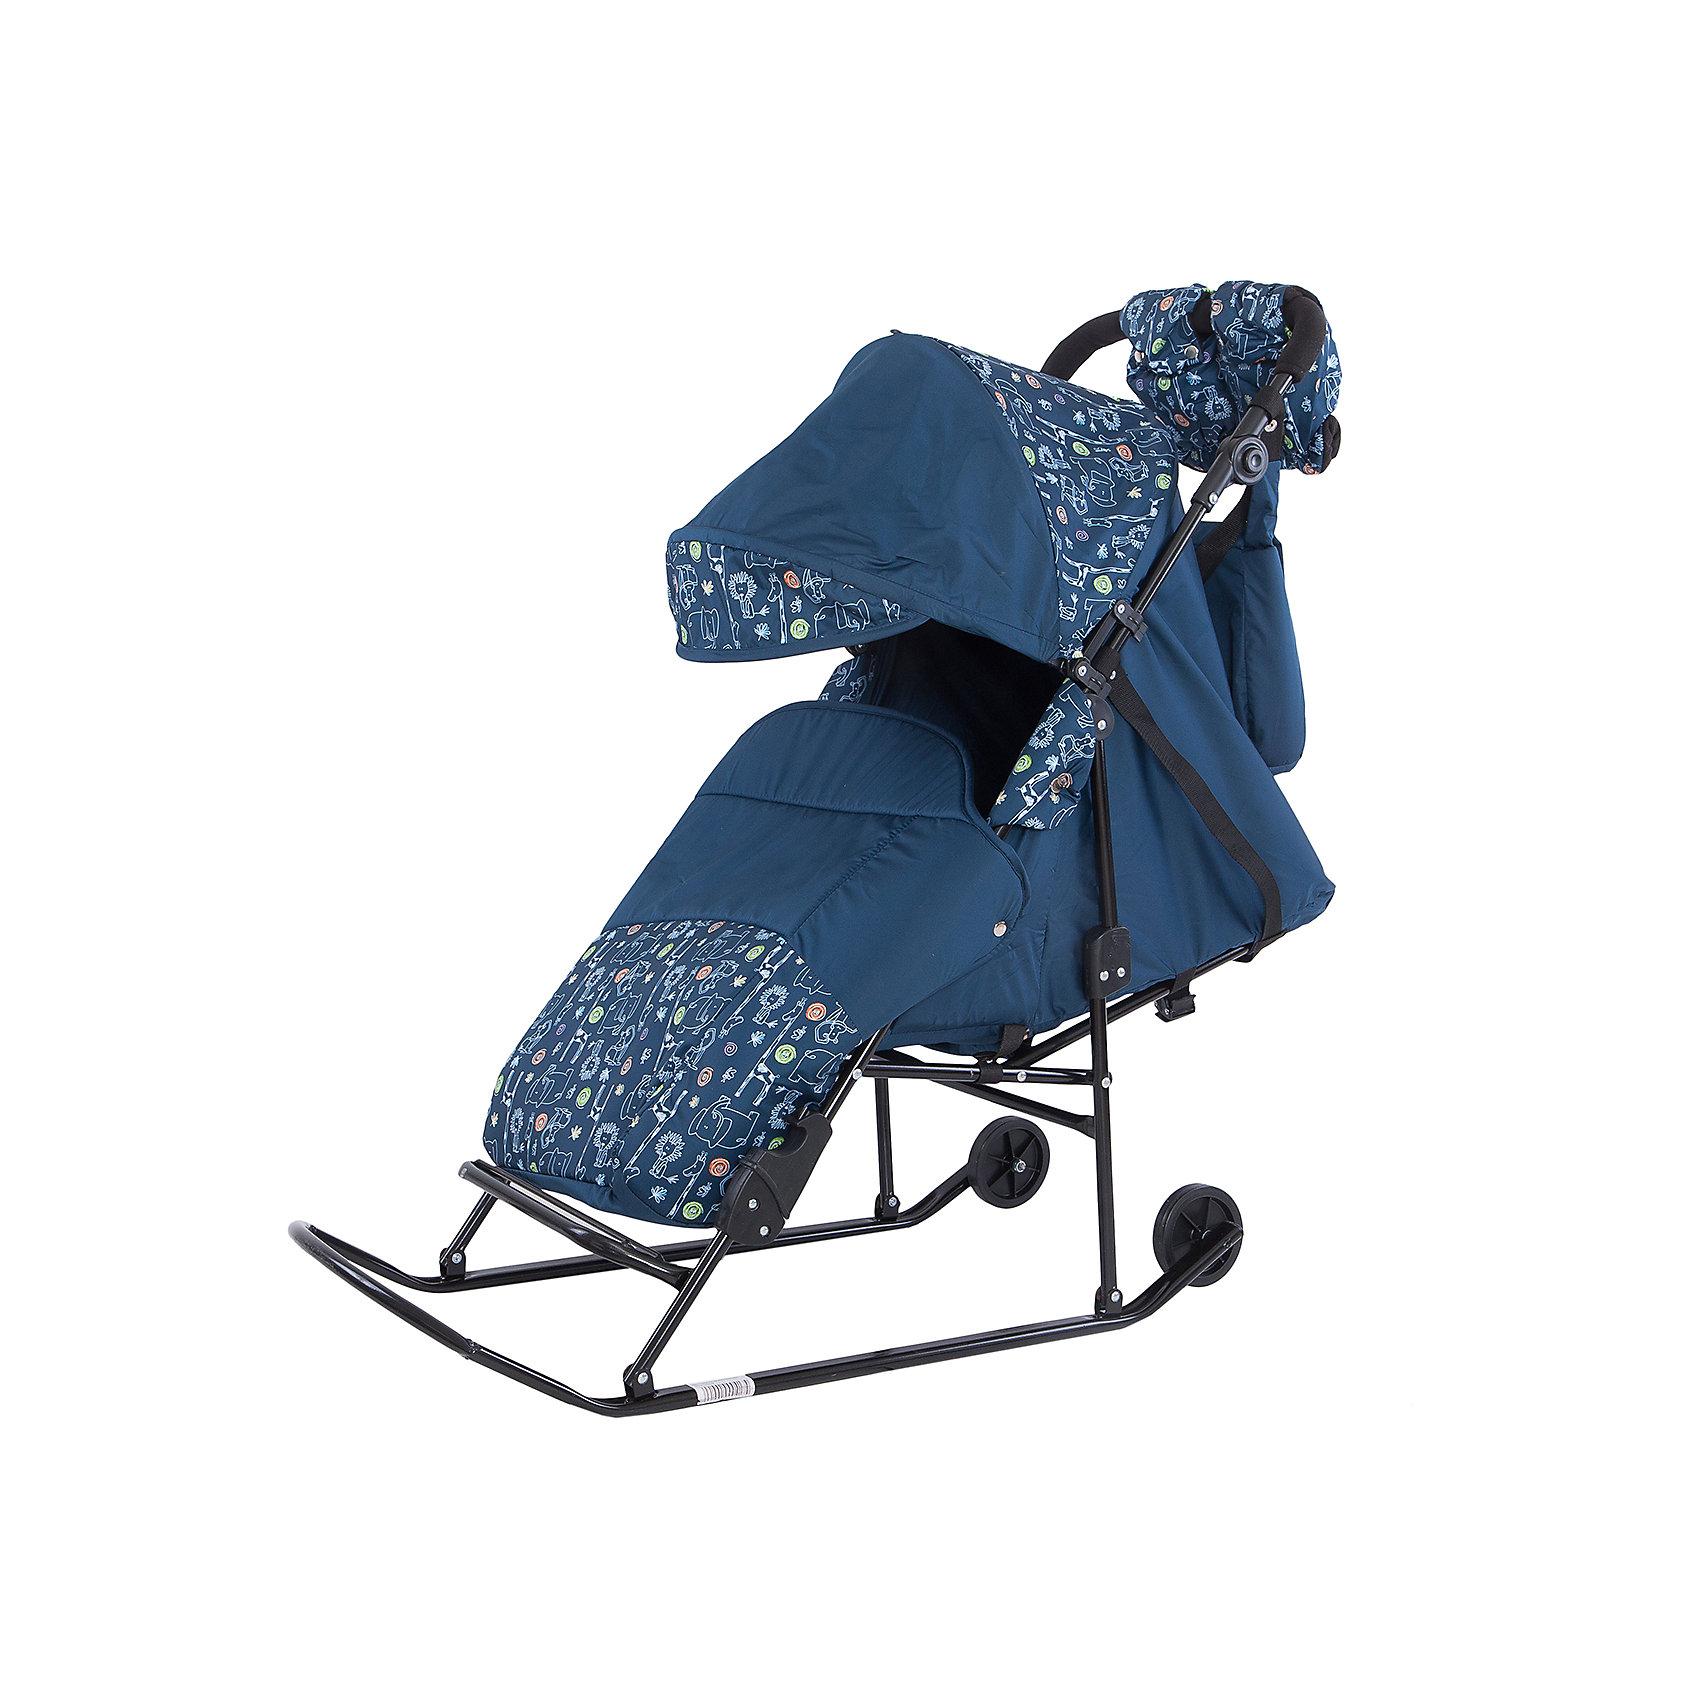 Санки-коляска ABC Academy Зимняя сказка 2В Авто, черная рама, синий/ЗоопаркС колесиками<br>Характеристики:<br><br>• Наименование: санки-коляска<br>• Сезон: зима<br>• Пол: для мальчика<br>• Материал: металл, пластик, текстиль<br>• Цвет: голубой, синий, черный<br>• Предусмотрено 5 положений спинки<br>• Регулируемая подставка для ног<br>• Наличие 2-х колесиков увеличенного диаметра<br>• Сумка в комплекте<br>• Наличие ремней безопасности<br>• Максимально допустимый вес: 25 кг<br>• Дополнительно: муфта для мамы и сумка для детских принадлежностей<br>• Размеры (Д*Ш*В): 70*34*100 см<br>• Вес: 9 кг<br><br>Санки-коляска Зимняя сказка 2В Авто, черная рама, ABC Academy,  синий/Зоопарк от отечественного производителя изготовлены из качественных и безопасных материалов. Конструкция санок выполнена в форме коляски для того, чтобы создать комфортные условия во время зимних прогулок для малышей. Защитный чехол на ножках, широкое сиденье, низкий козырек, непромокаемая и непродуваемая ткань – все это защитит малыша от зимней непогоды. Увеличенное по размерам посадочное место обеспечит свободу движений даже если ребенок будет в меховом конверте. Для удобства передвижения по незаснеженным участкам дороги предусмотрены два колесика на полозьях. Санки-коляска выполнены в стильном цвете я ярким принтом.<br><br>Санки-коляску Зимняя сказка 2В Авто, черная рама, ABC Academy,  синий/Зоопарк можно купить в нашем интернет-магазине.<br><br>Ширина мм: 1200<br>Глубина мм: 466<br>Высота мм: 260<br>Вес г: 9300<br>Возраст от месяцев: 12<br>Возраст до месяцев: 48<br>Пол: Мужской<br>Возраст: Детский<br>SKU: 5168631